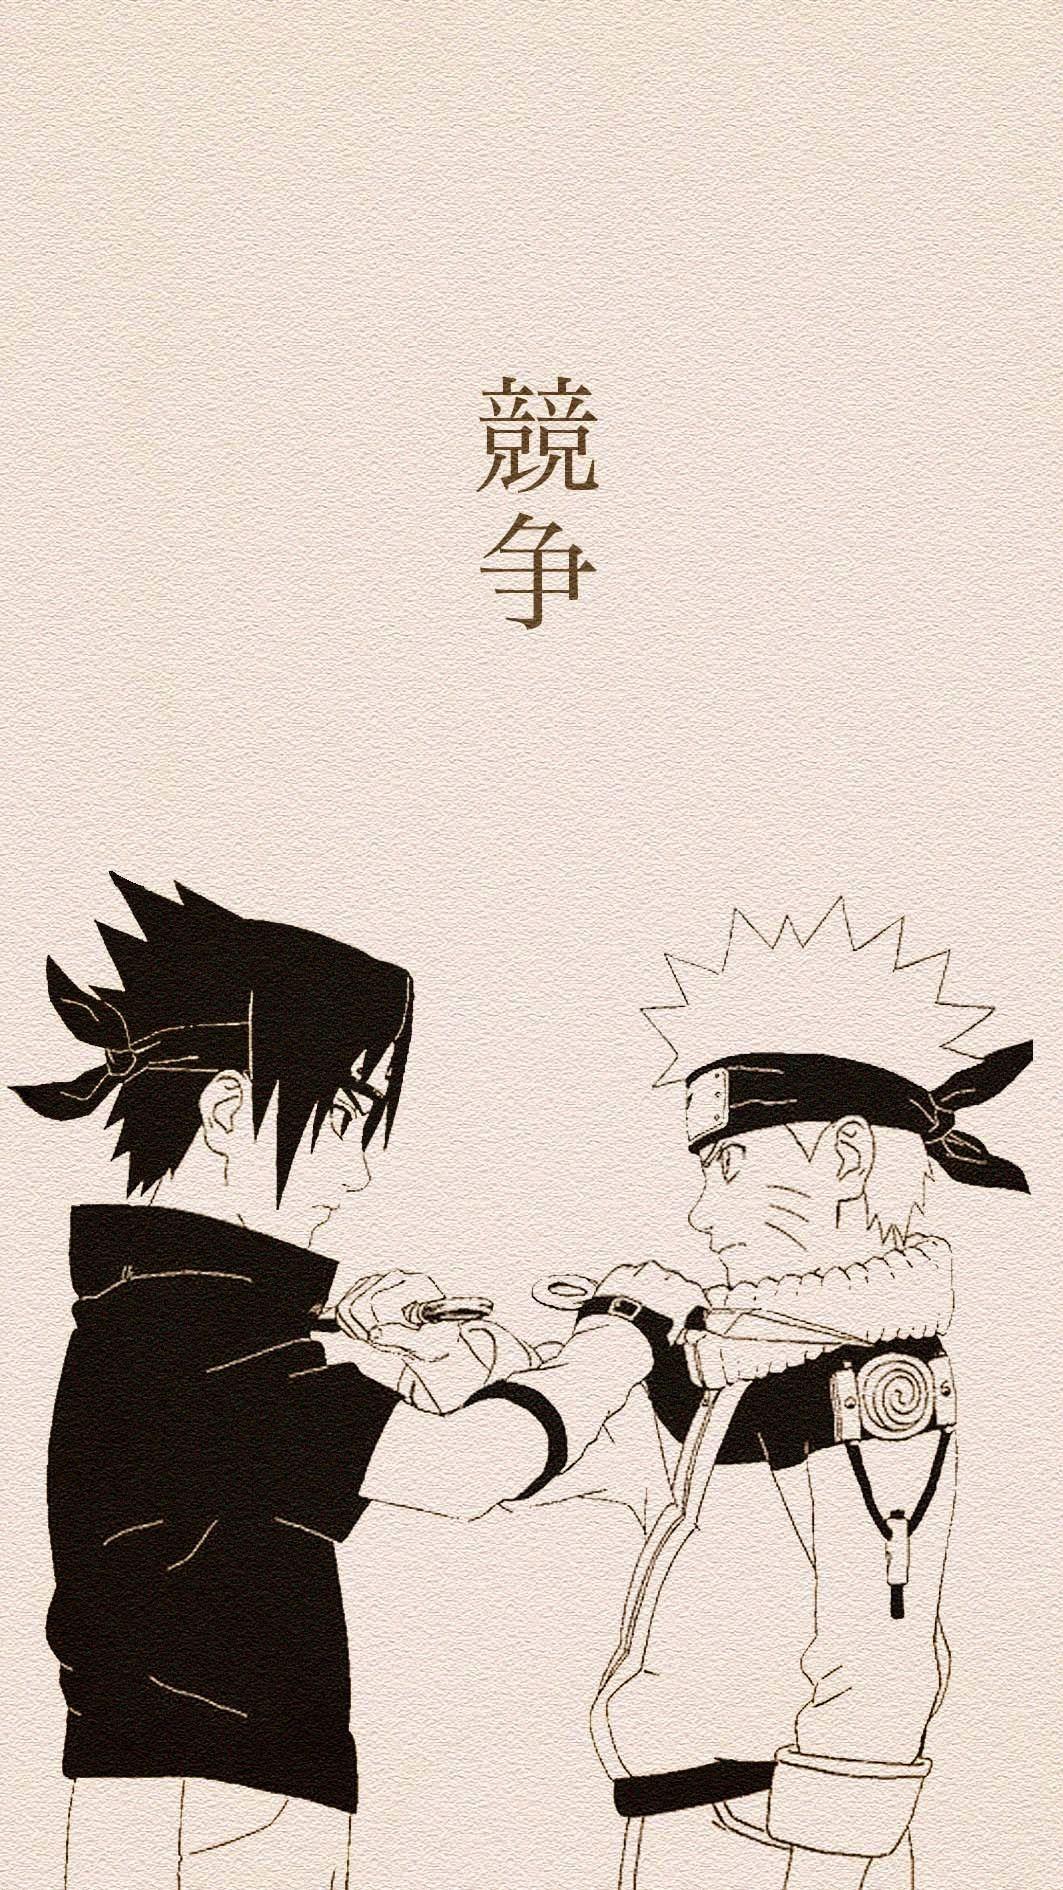 Naruto X Sasuke Naruto Vs Sasuke Anime Naruto Naruto Shippuden Sasuke